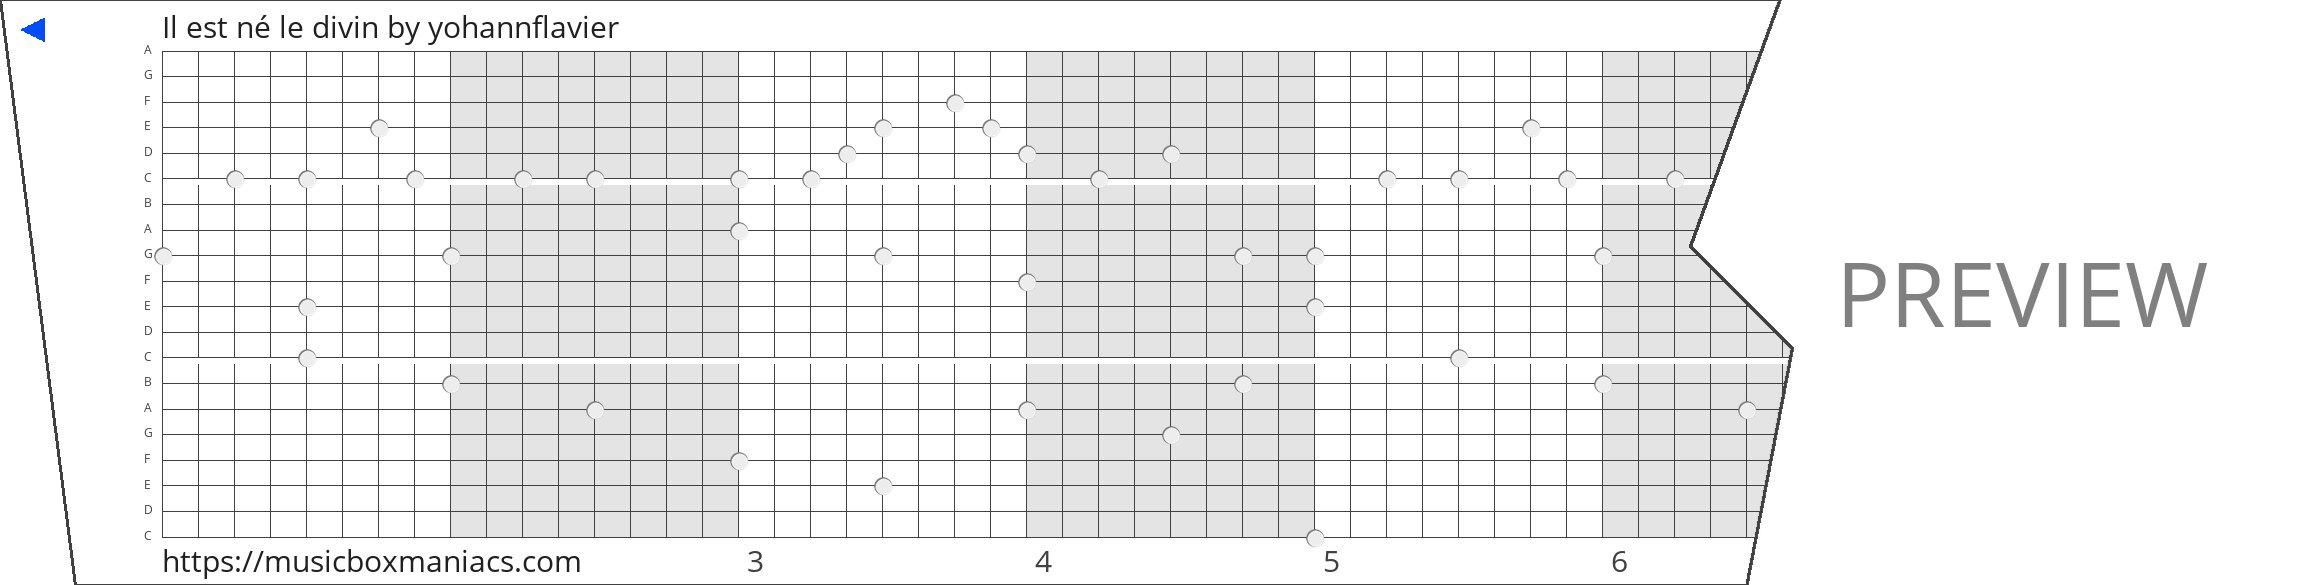 Il est né le divin 20 note music box paper strip